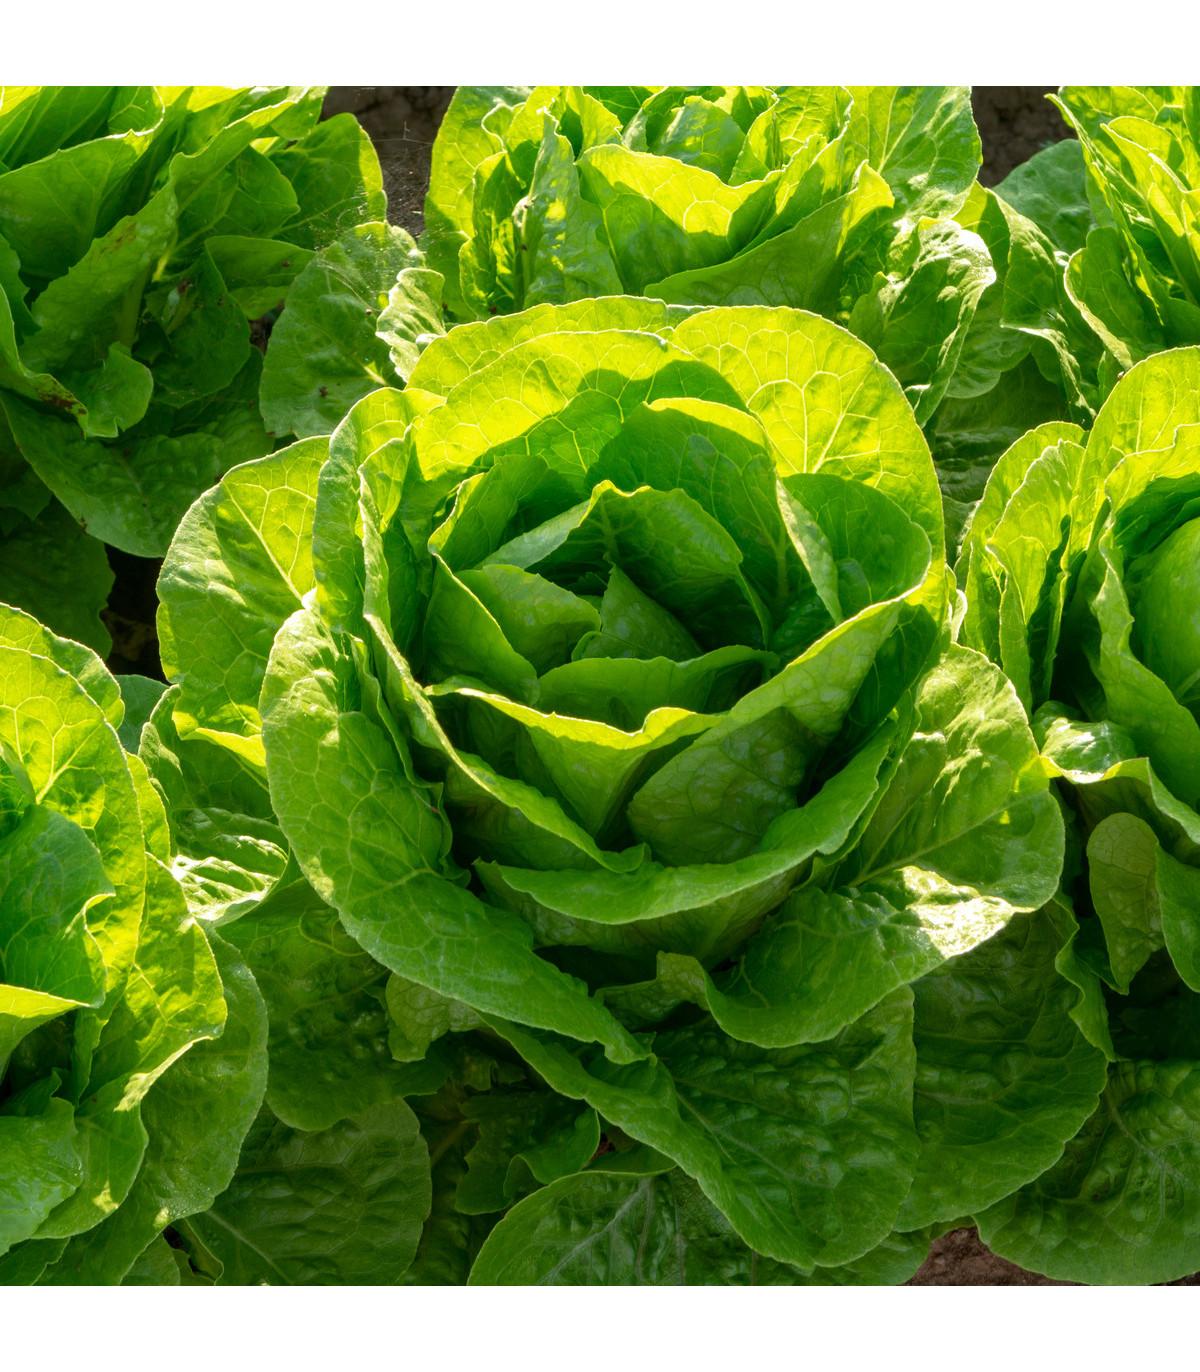 Šalát hlávkový Ovation - semená šalátu - semiačka - 0,5 gr